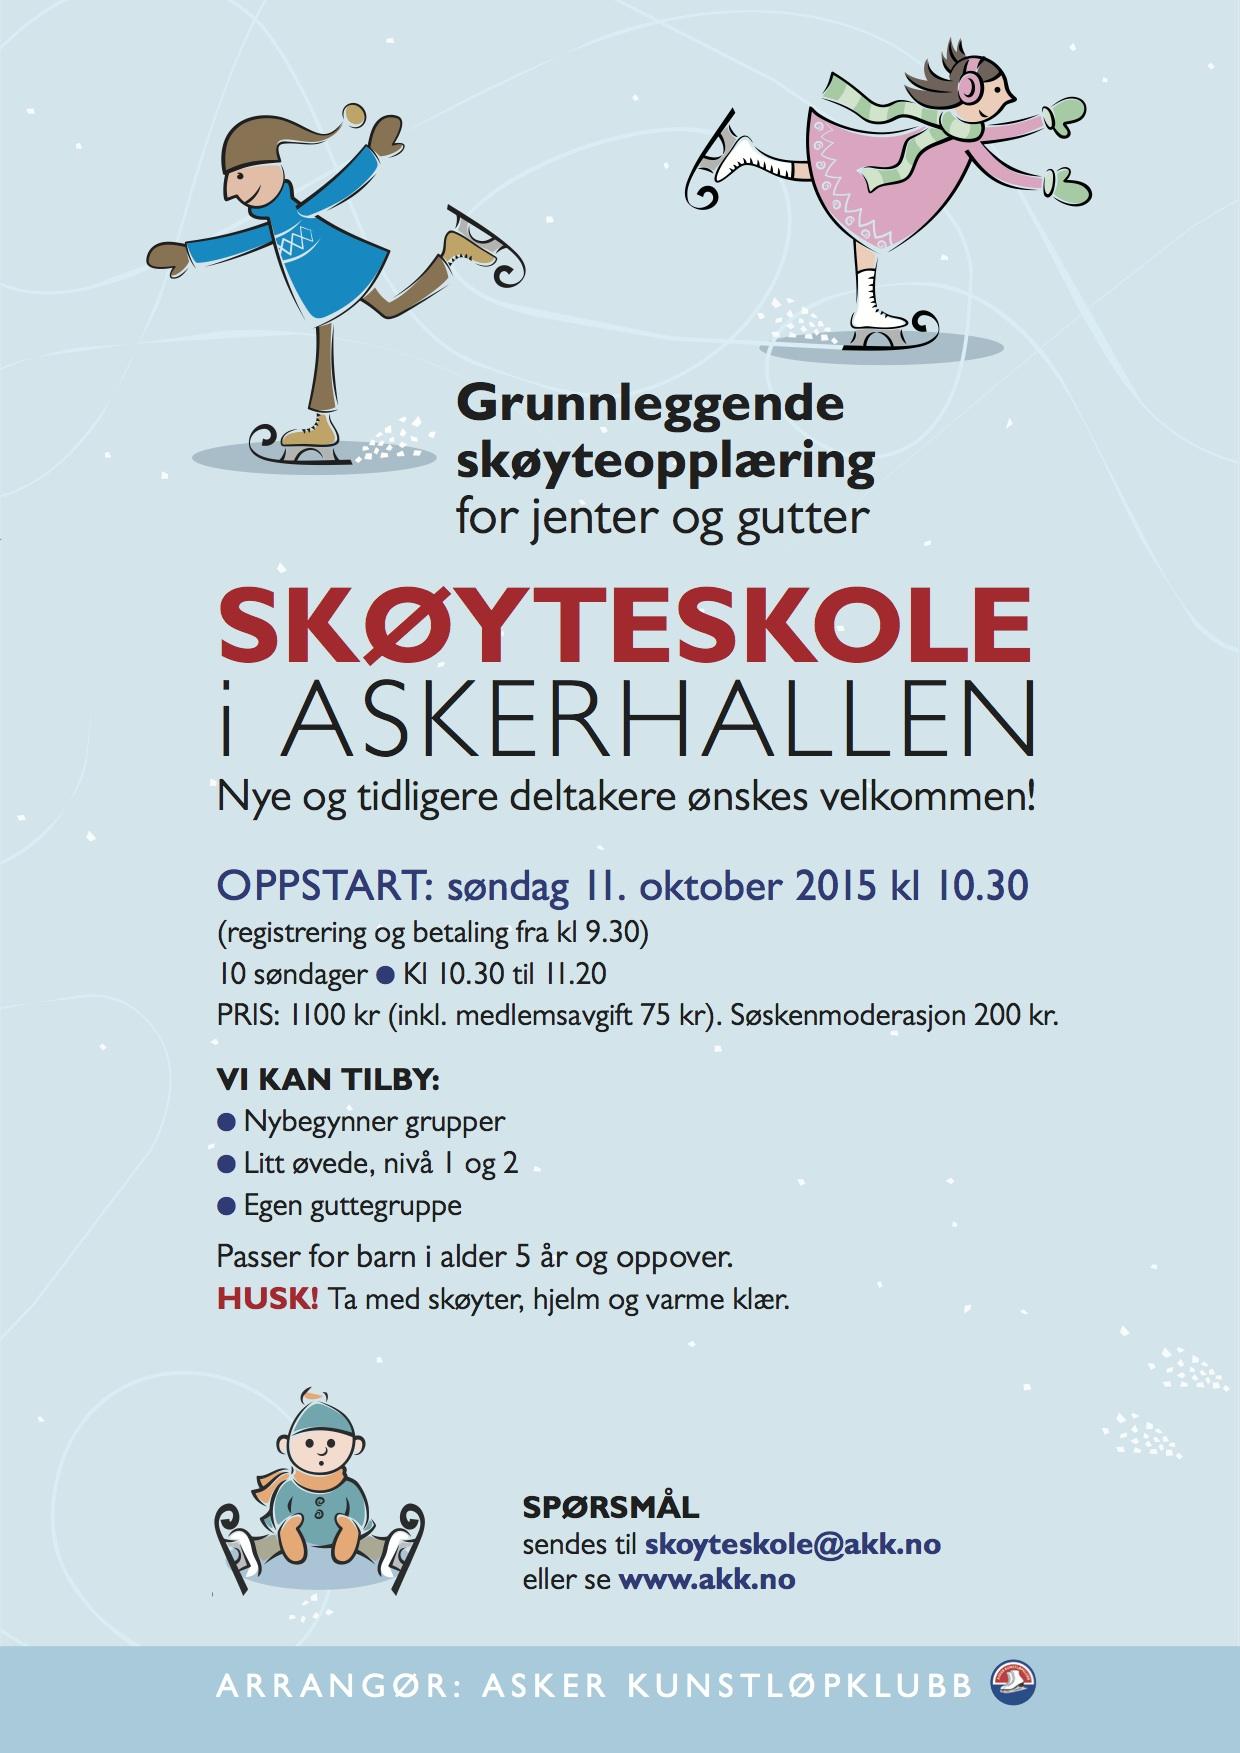 SkøyteskoleFlyerHøst2015